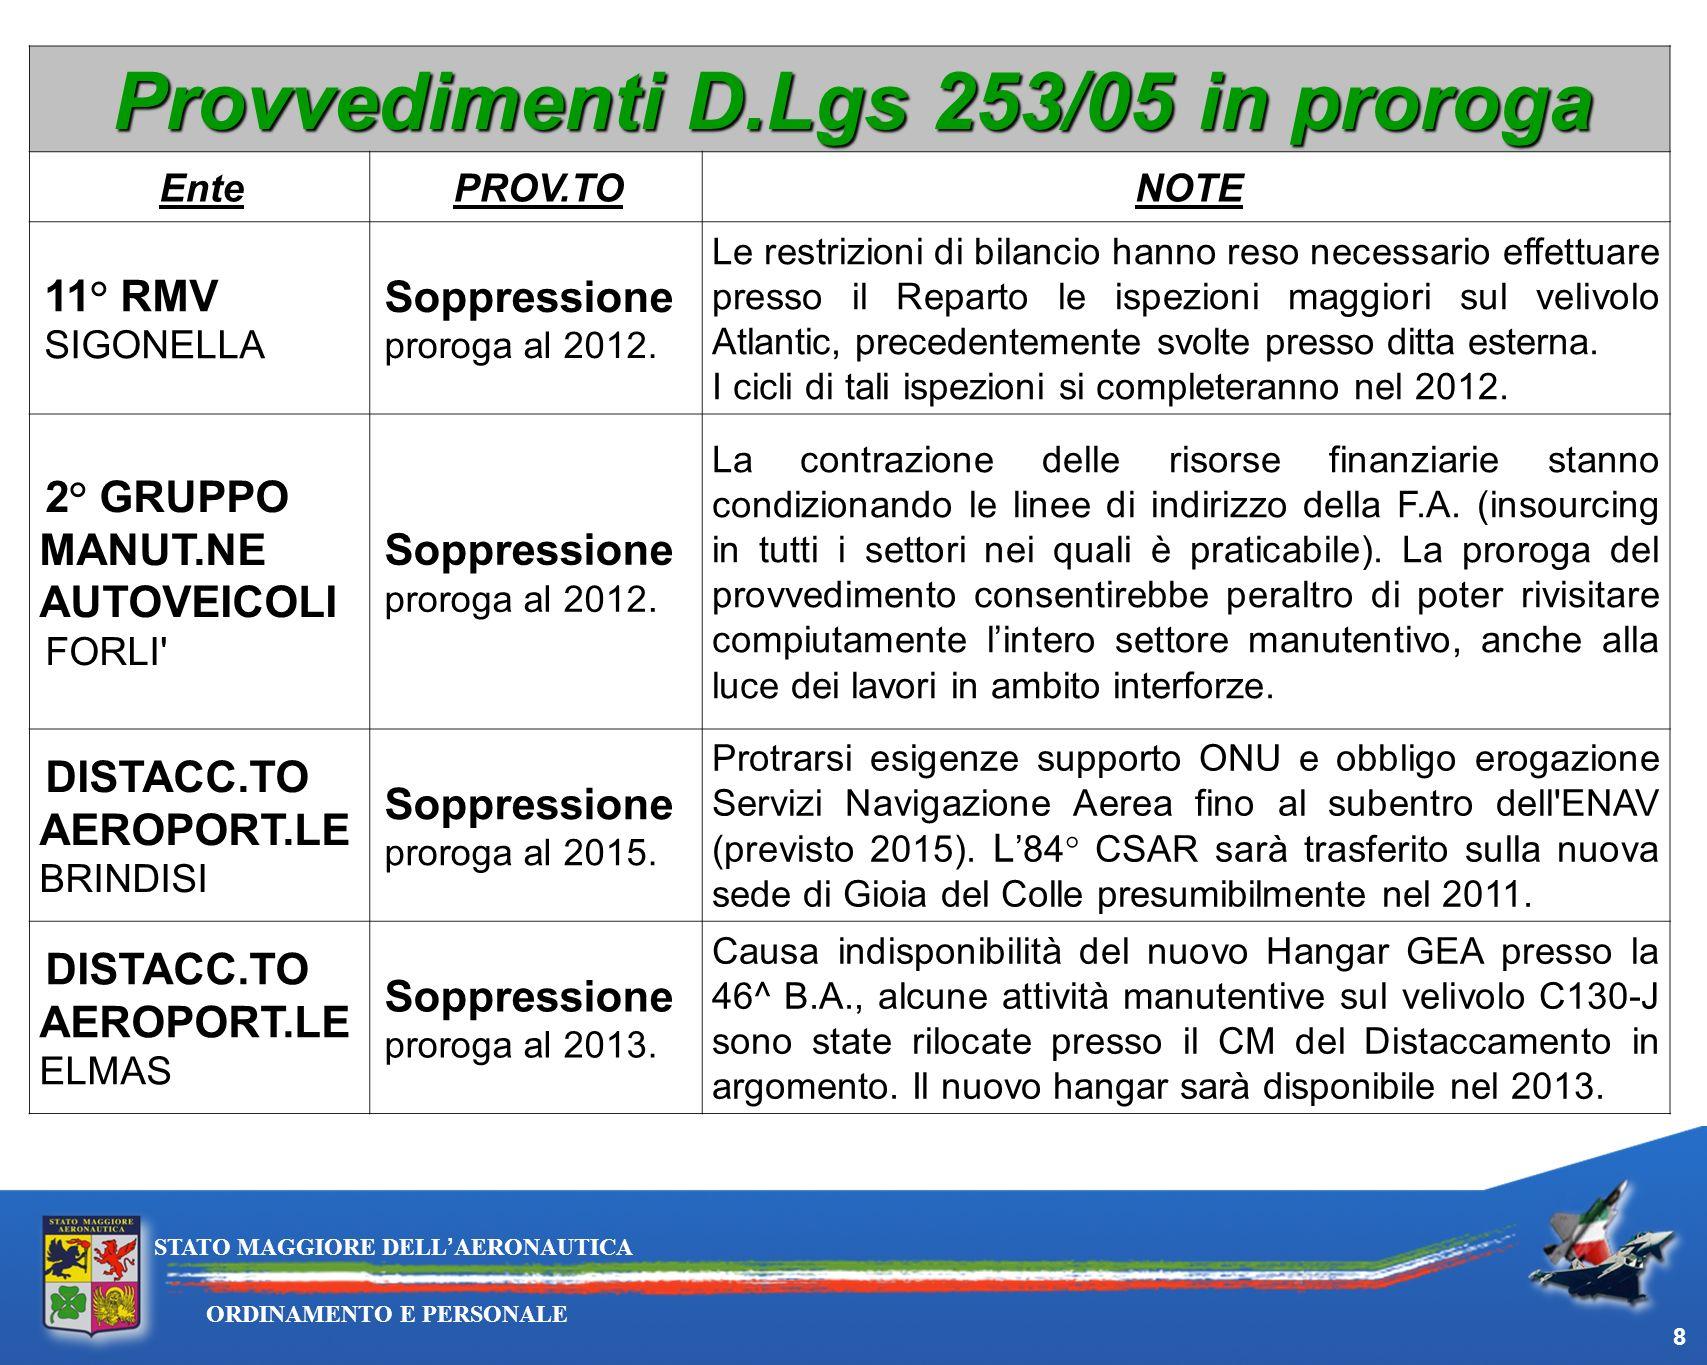 9 ORDINAMENTO E PERSONALE STATO MAGGIORE DELLAERONAUTICA Provvedimenti da attuare nel 2010 Provvedimenti D.Lgs 253/05 1.SCUOLA DI PERFEZIONAMENTO SOTTUFFICIALI A.M.